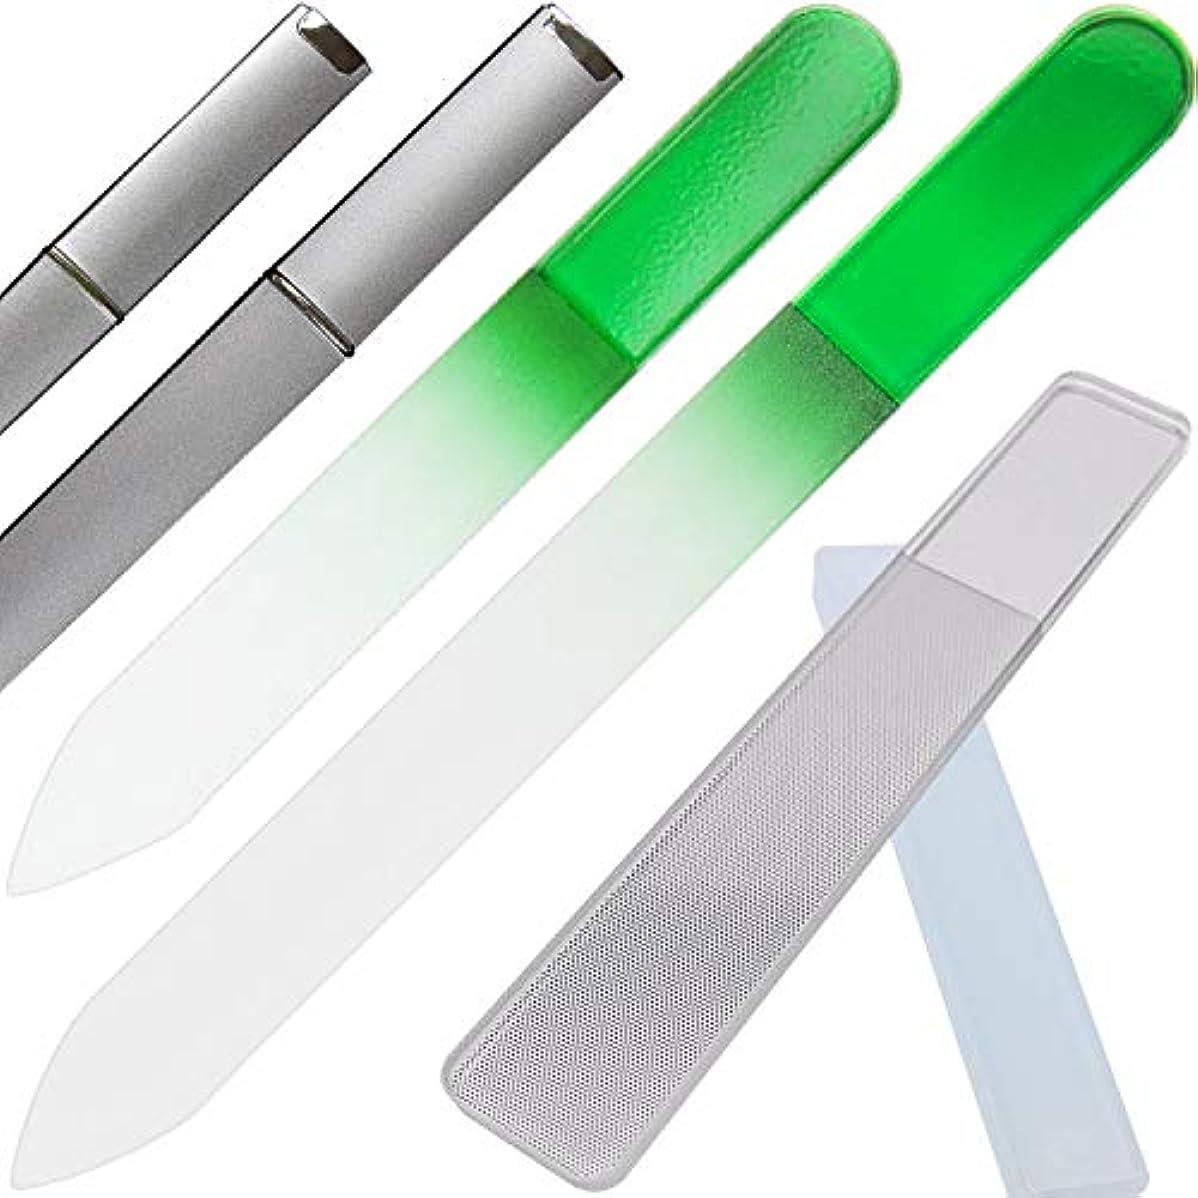 困惑転倒リビングルーム3点セット 爪やすり ネイル ケア 爪磨き ガラス製 専用 ケース付 ネイル ケア